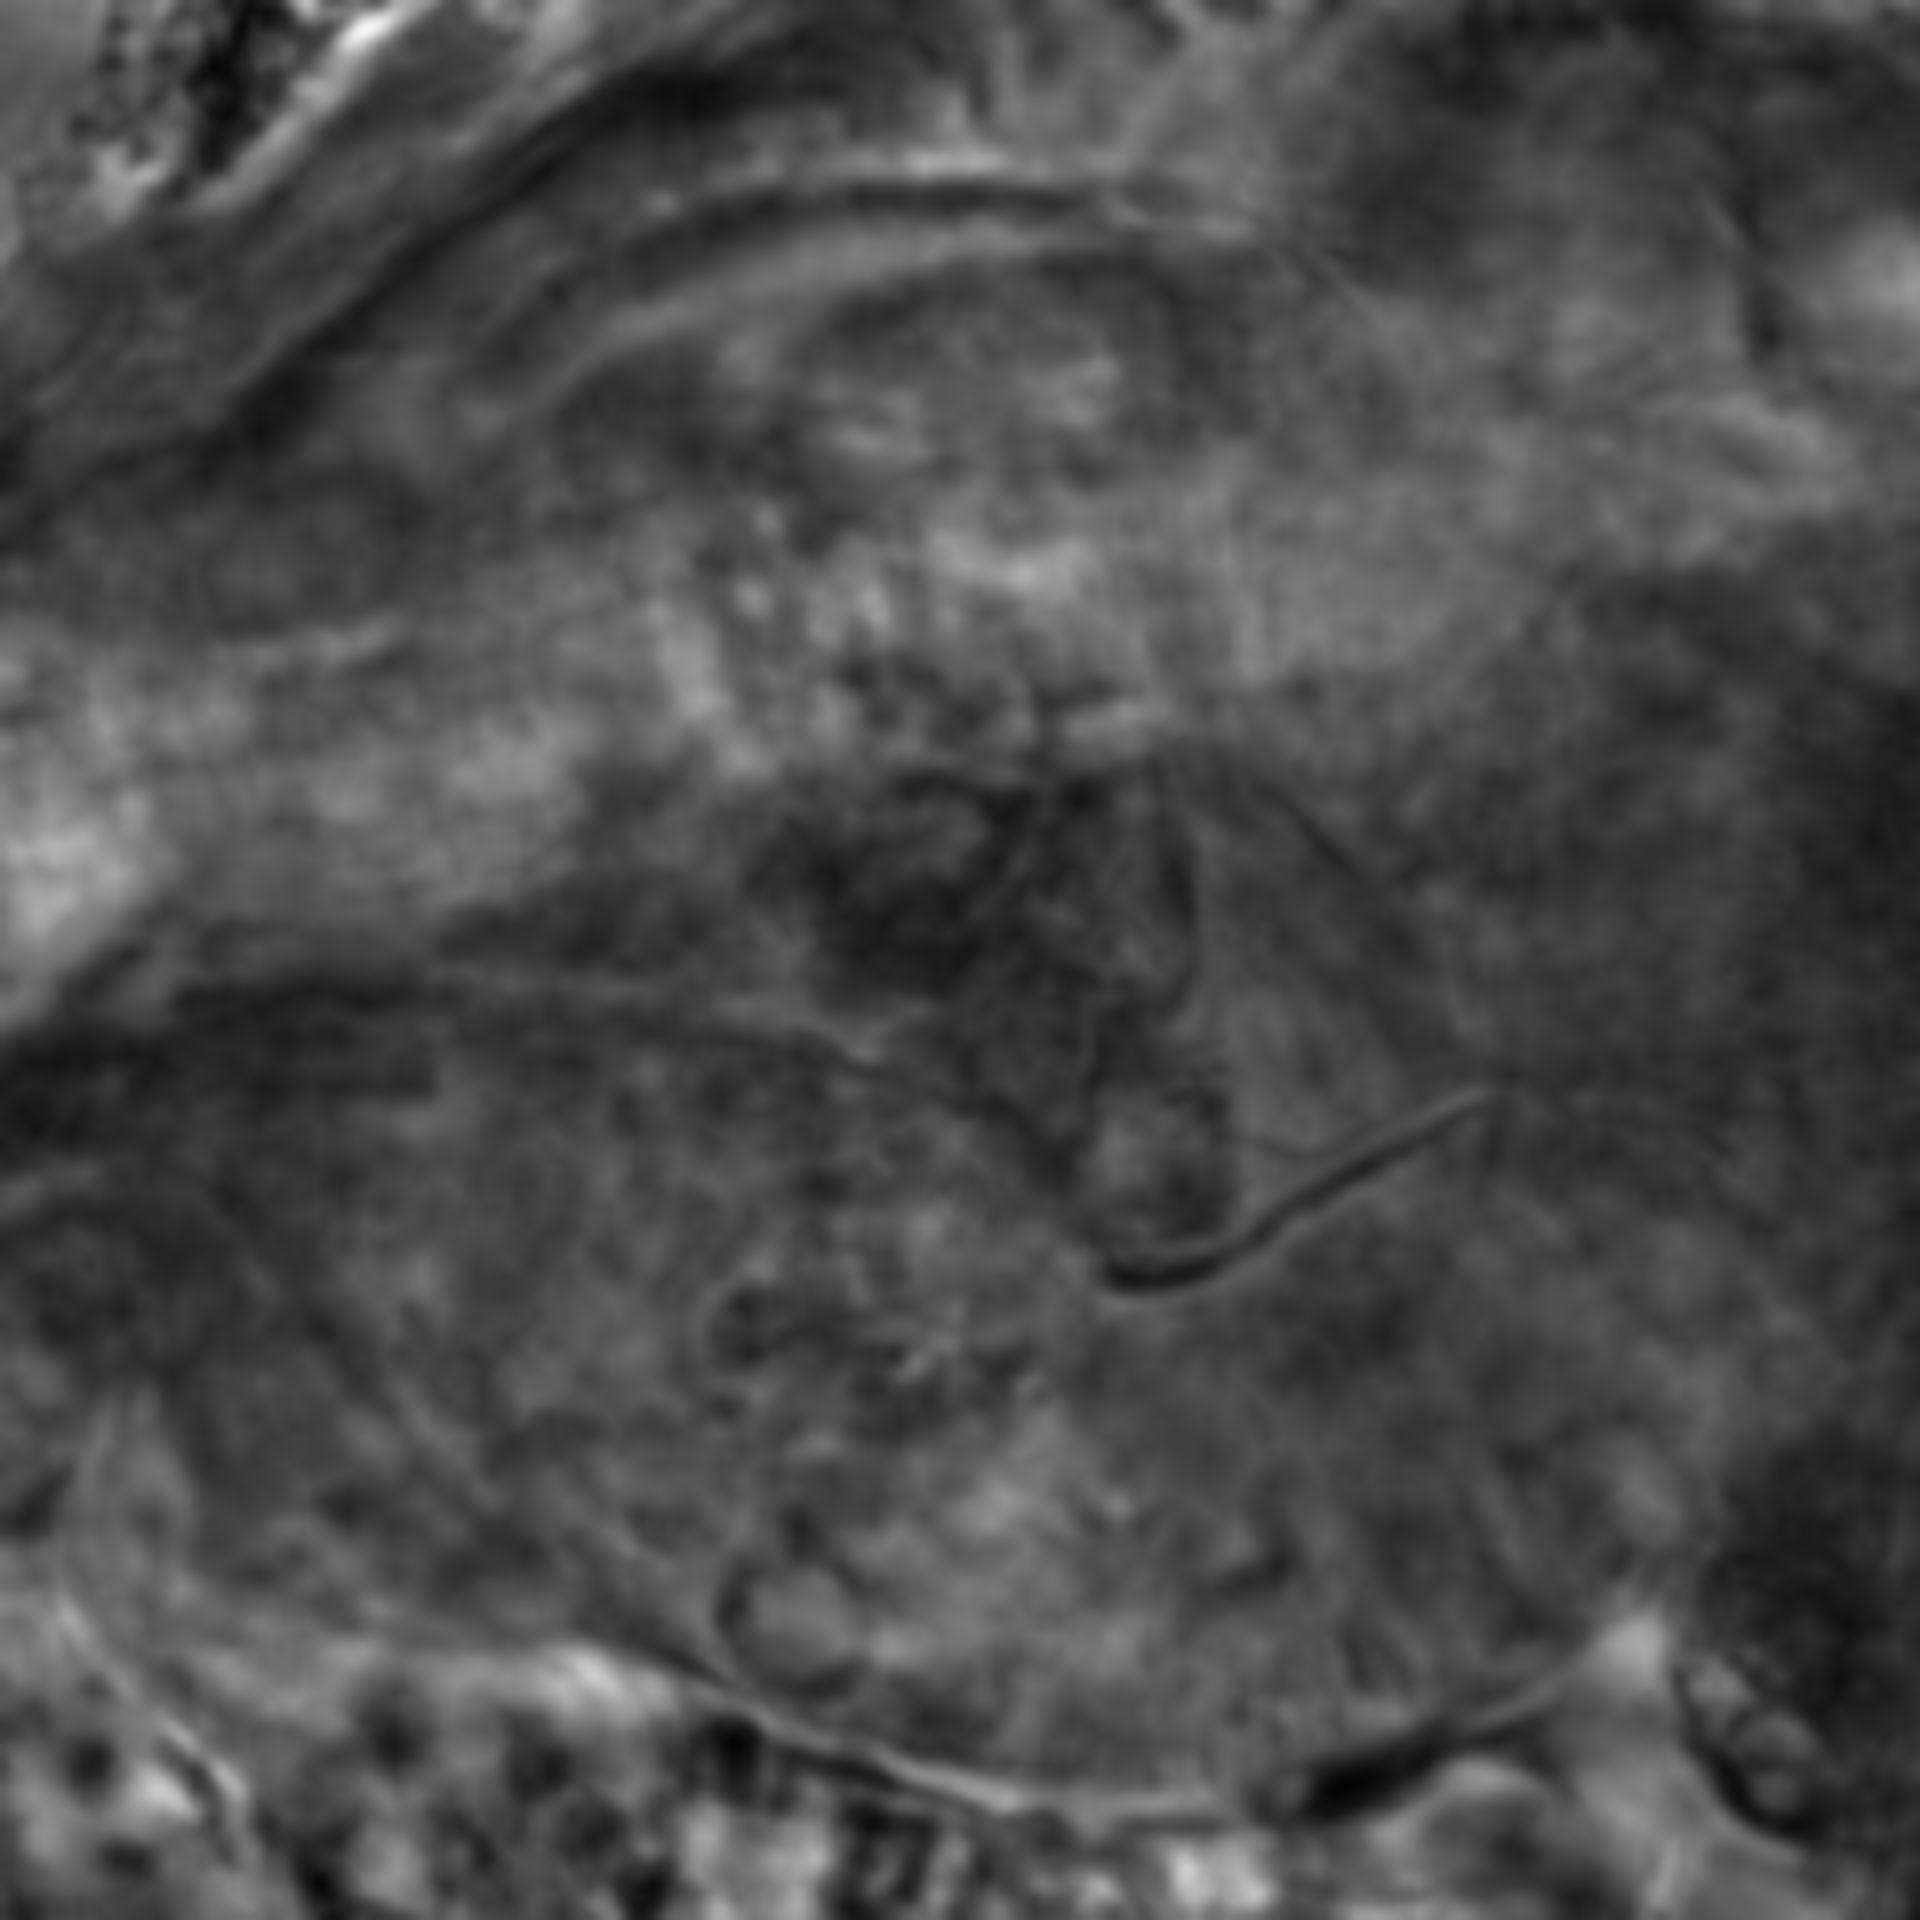 Caenorhabditis elegans - CIL:2662